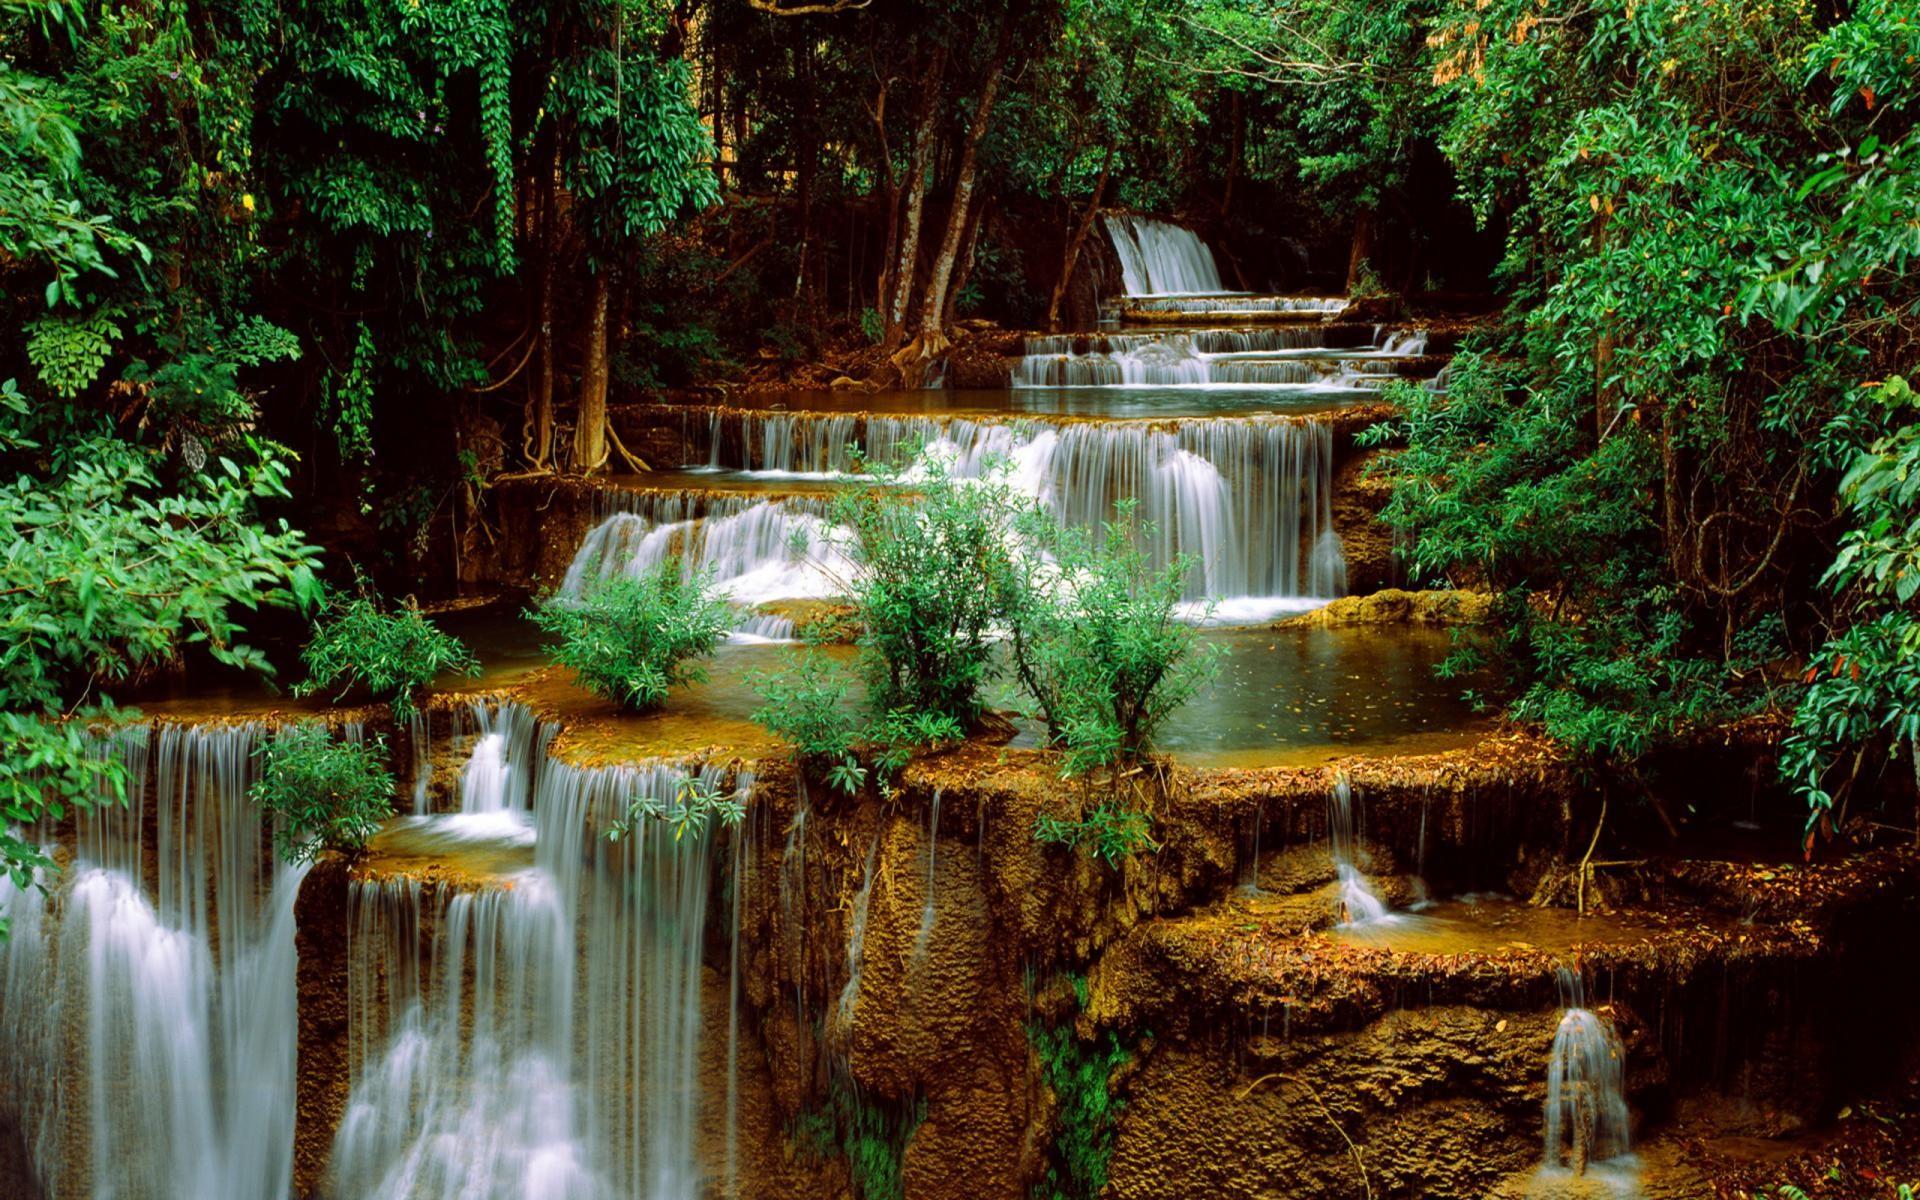 Waterfall Widescreen Wallpaper Desktop Background with High Definition  Wallpaper